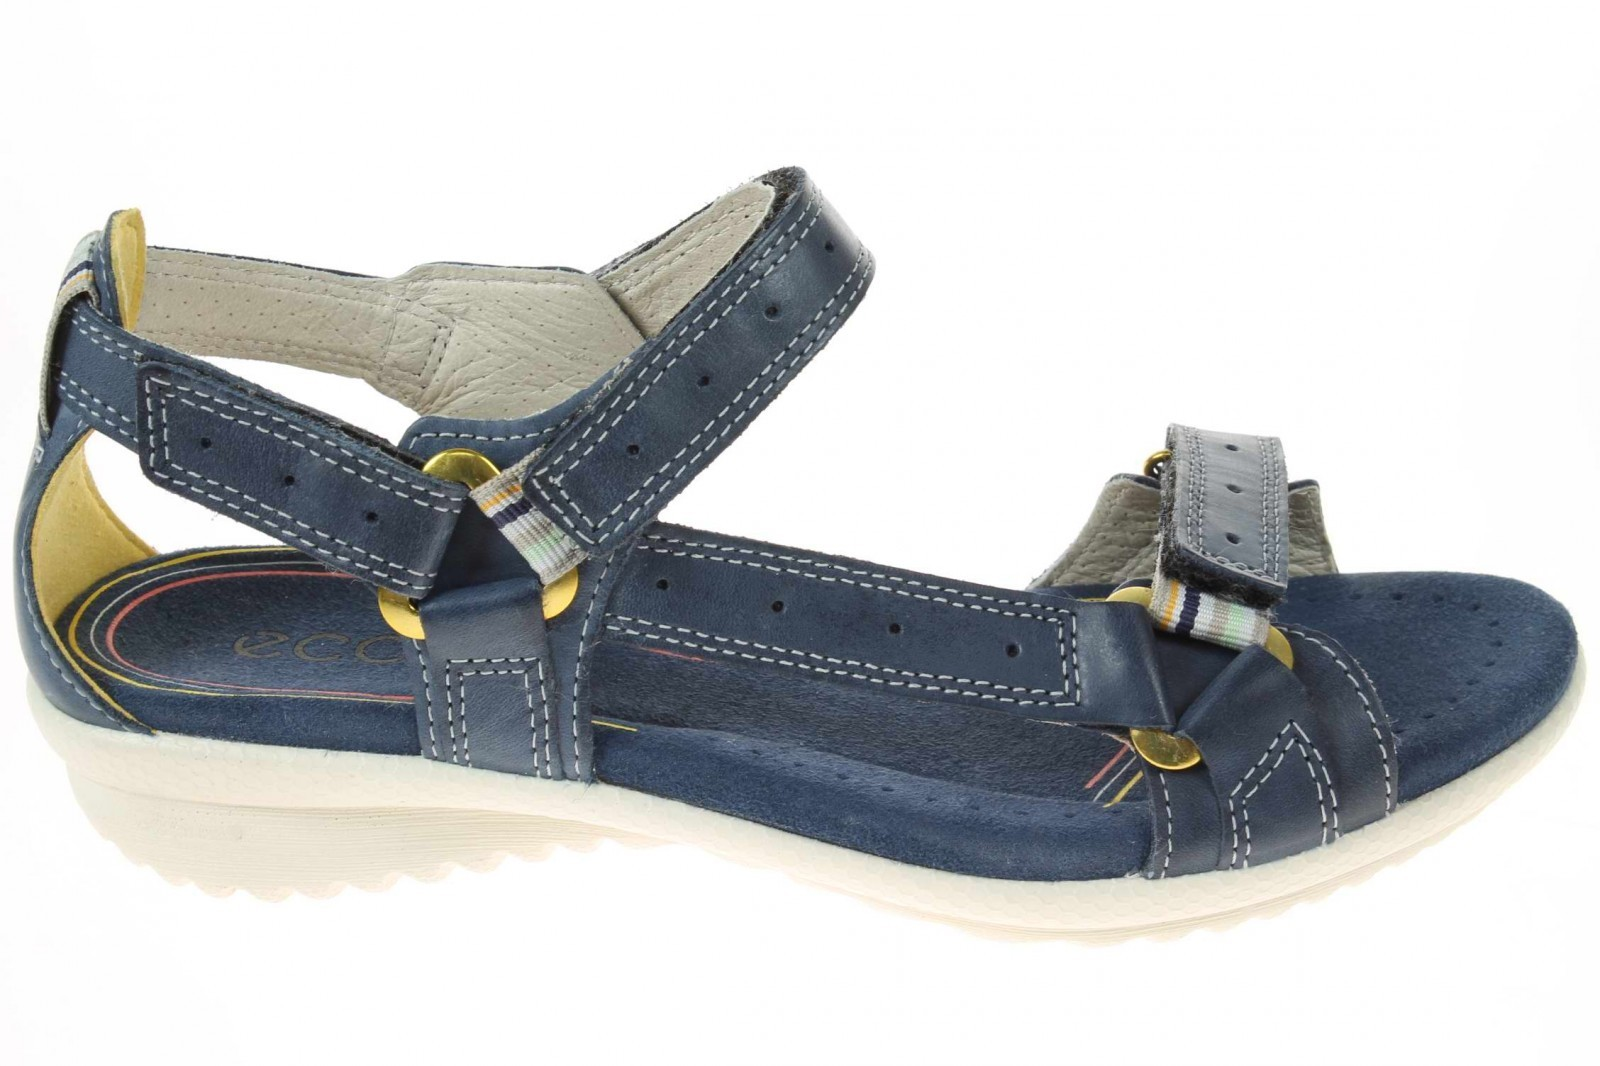 Dámské sandály a pantofle na rok 2013 — Maminko.cz f29ca4eab6d